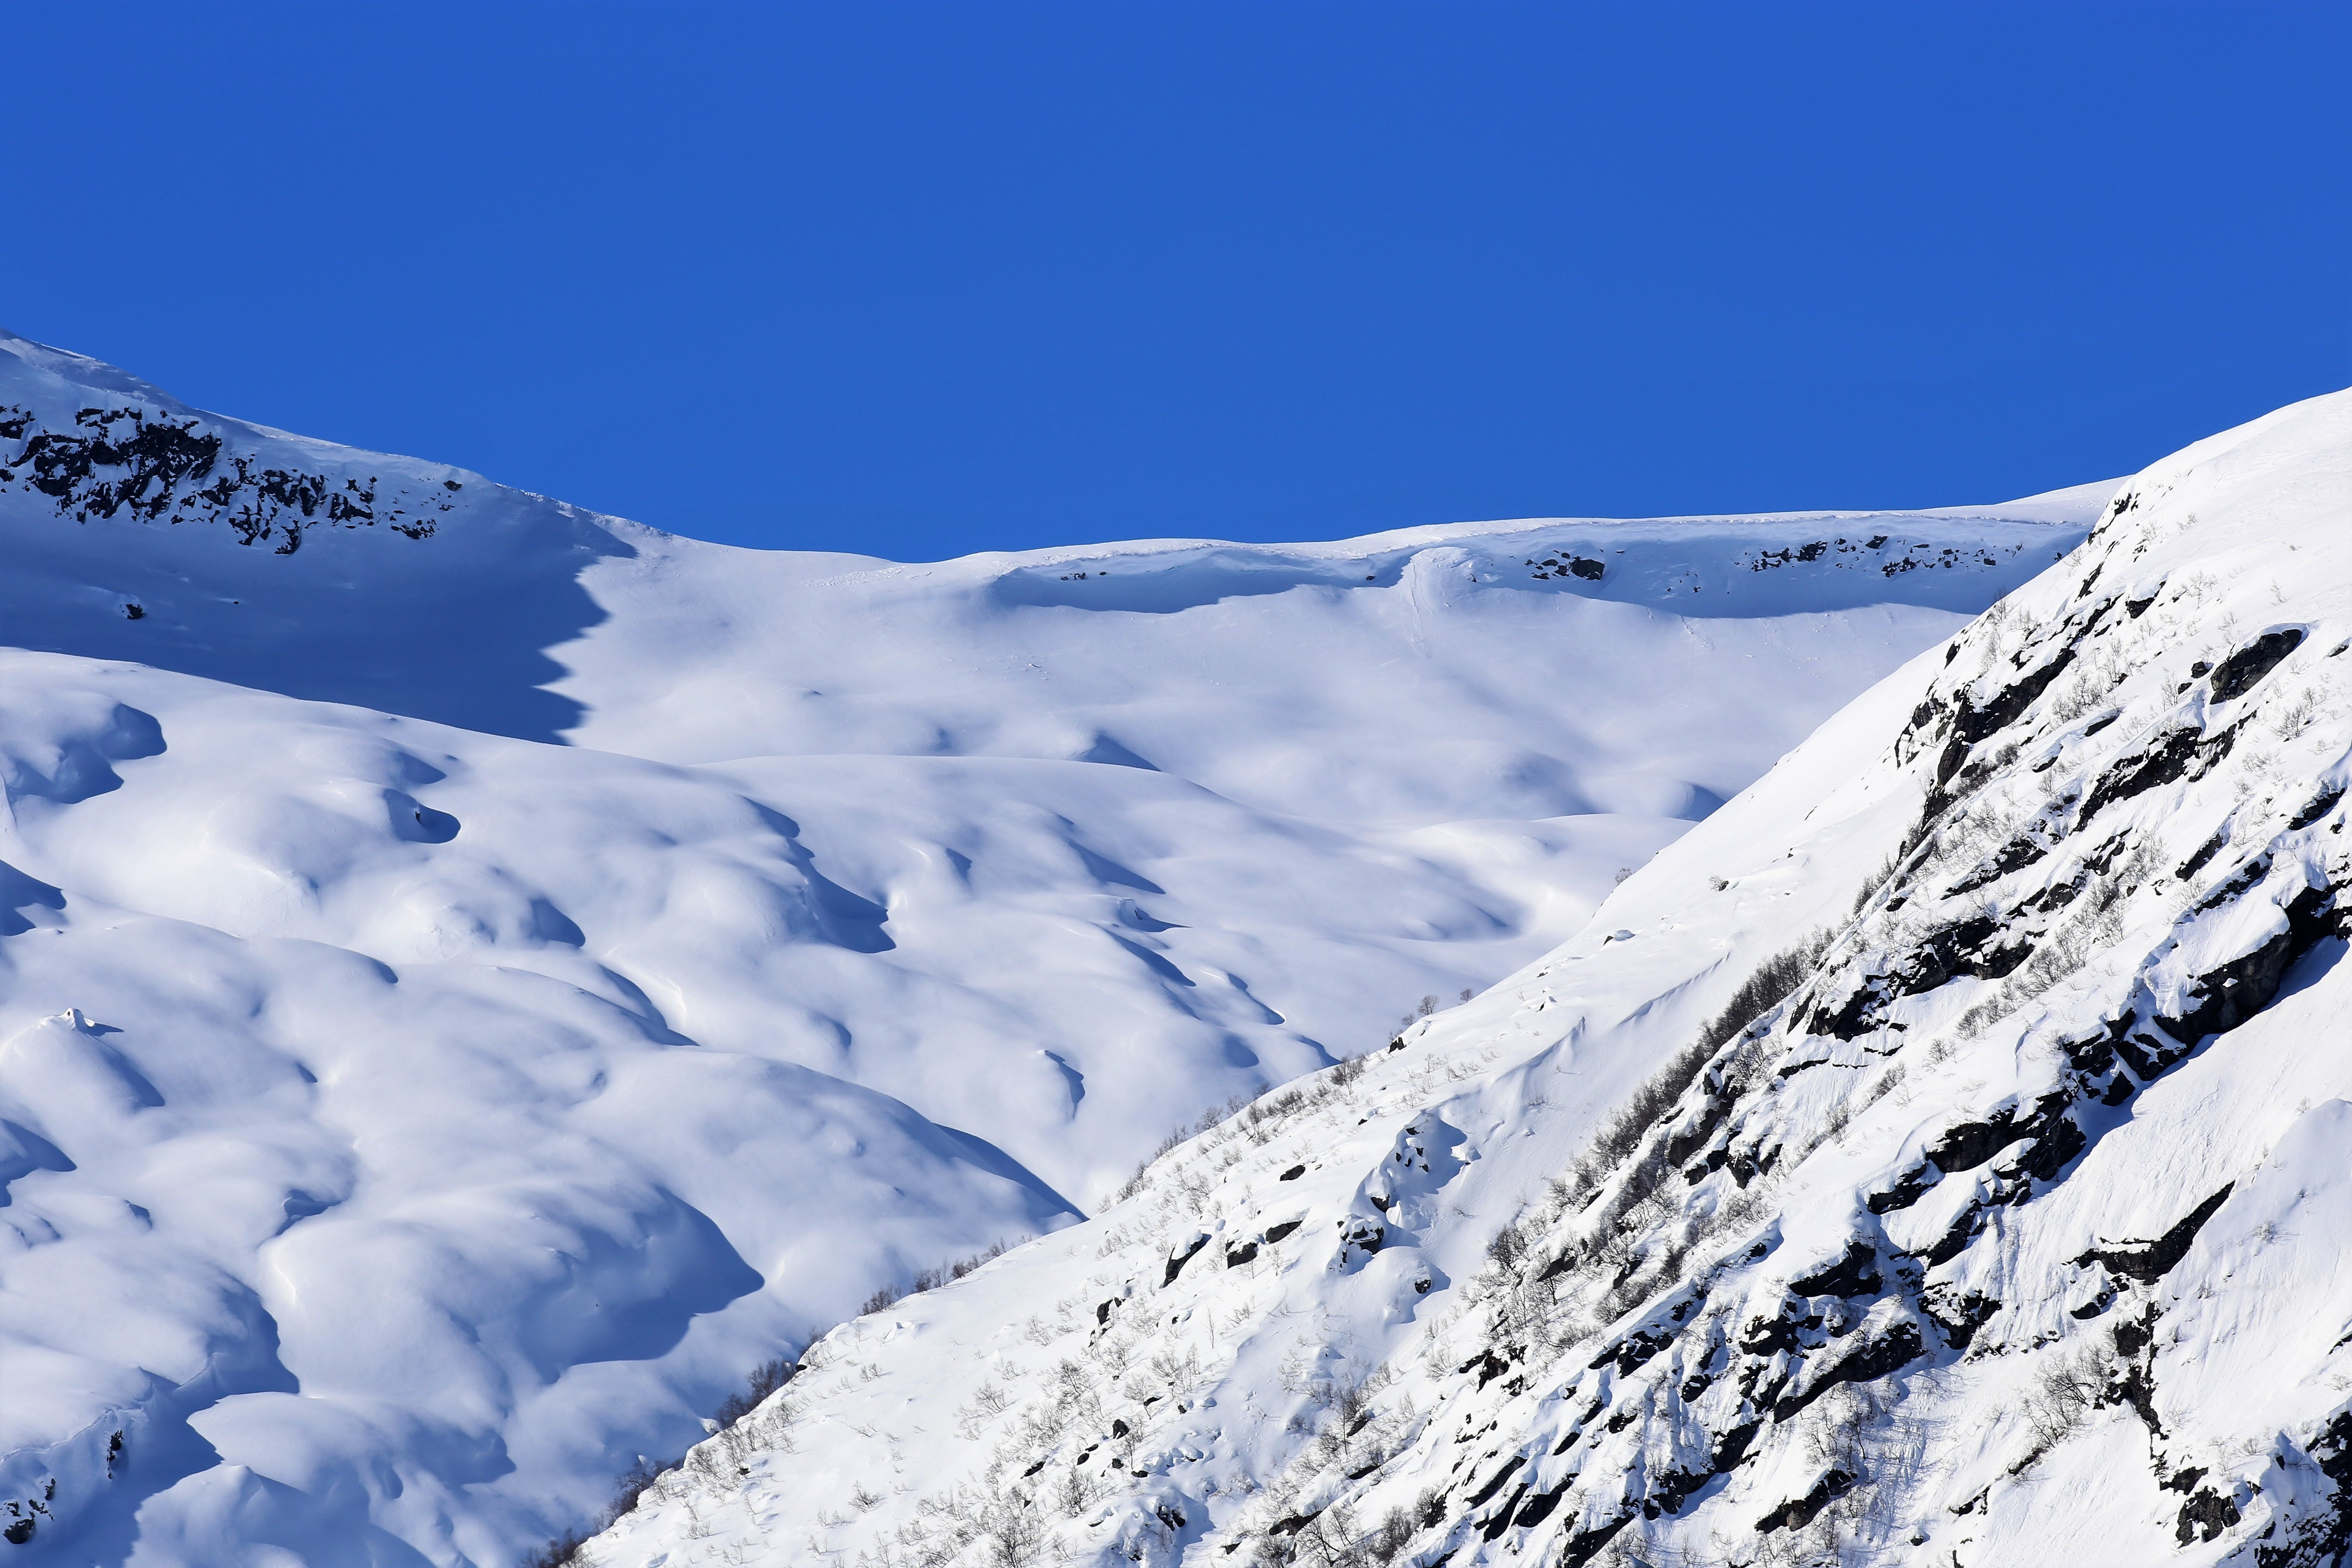 Gratis lagerfoto af blå himmel, sneklædt bjerg